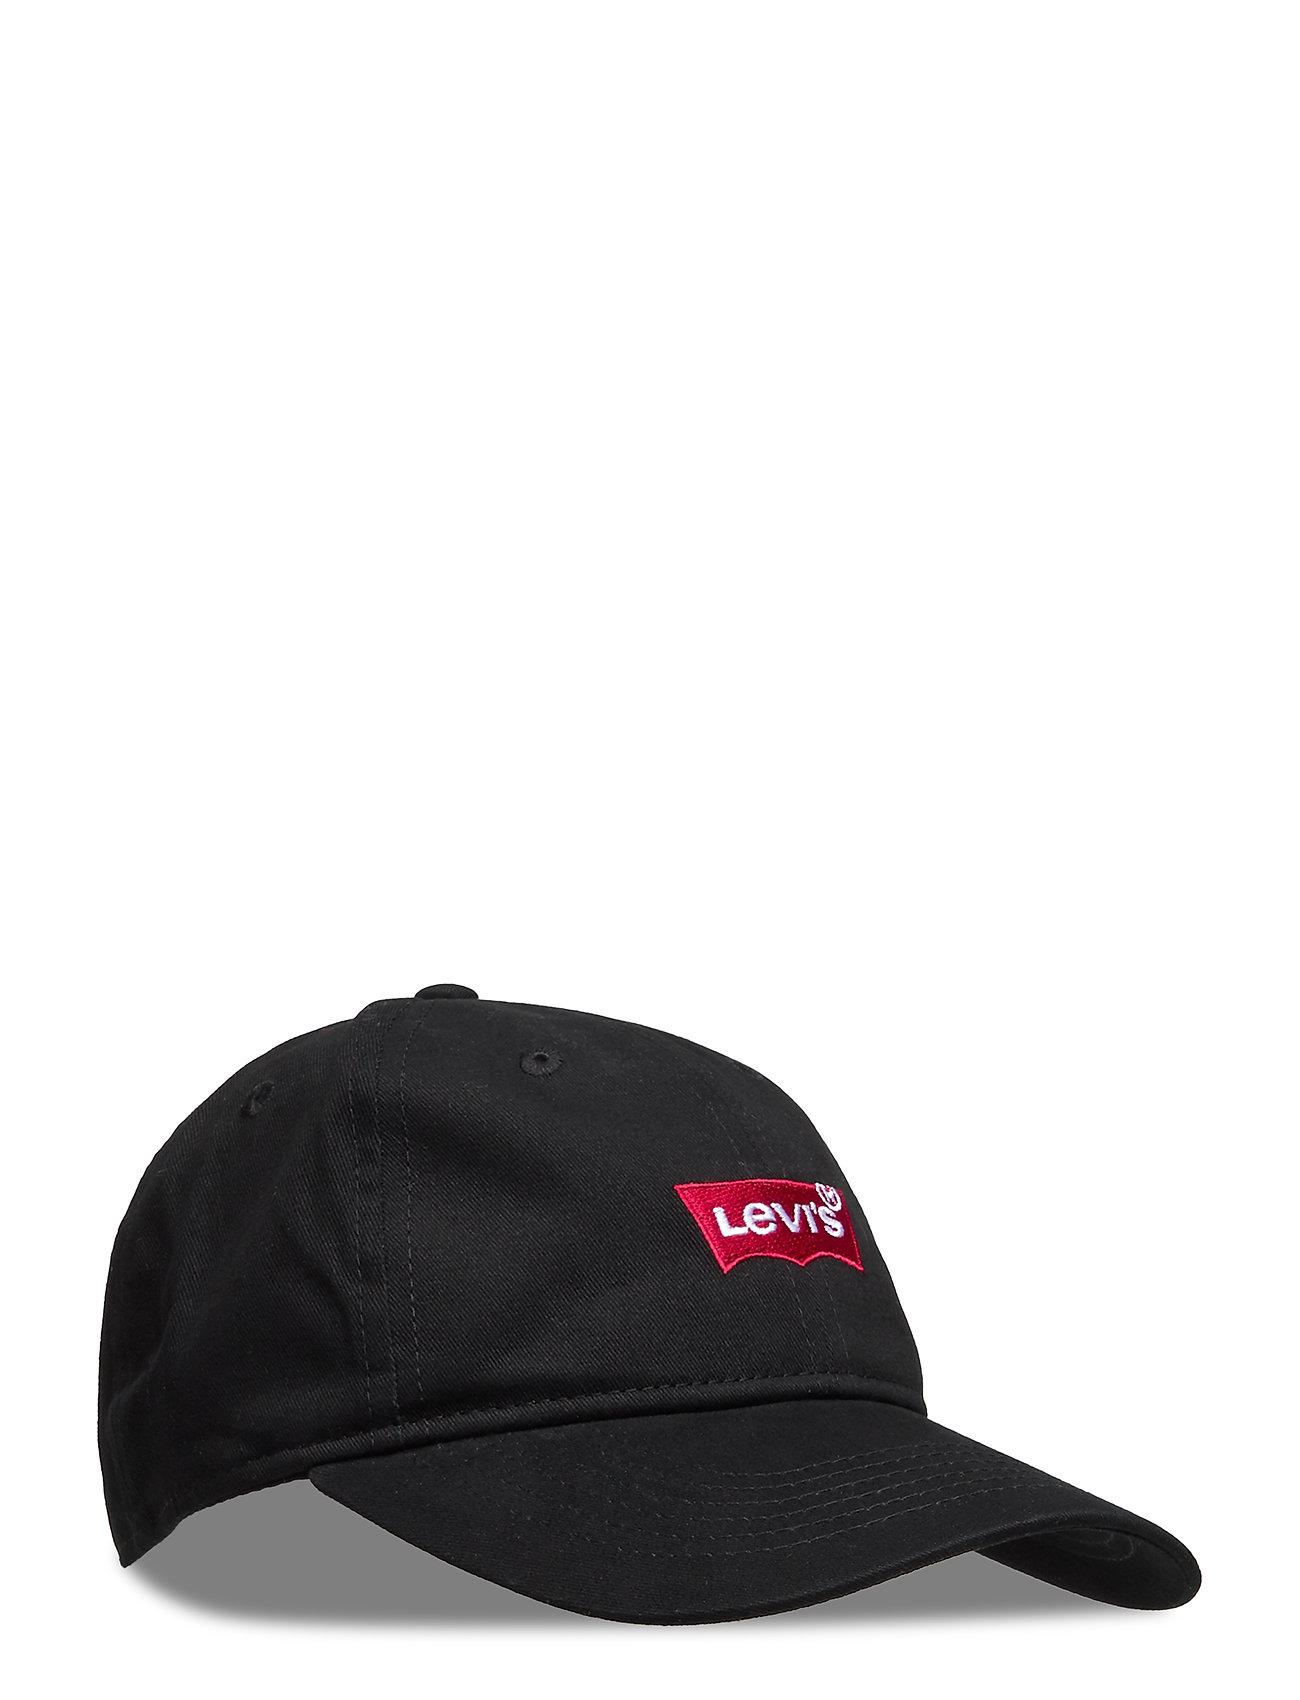 Levis Core Batwing Curve Brimcap Accessories Headwear Caps Svart Levis